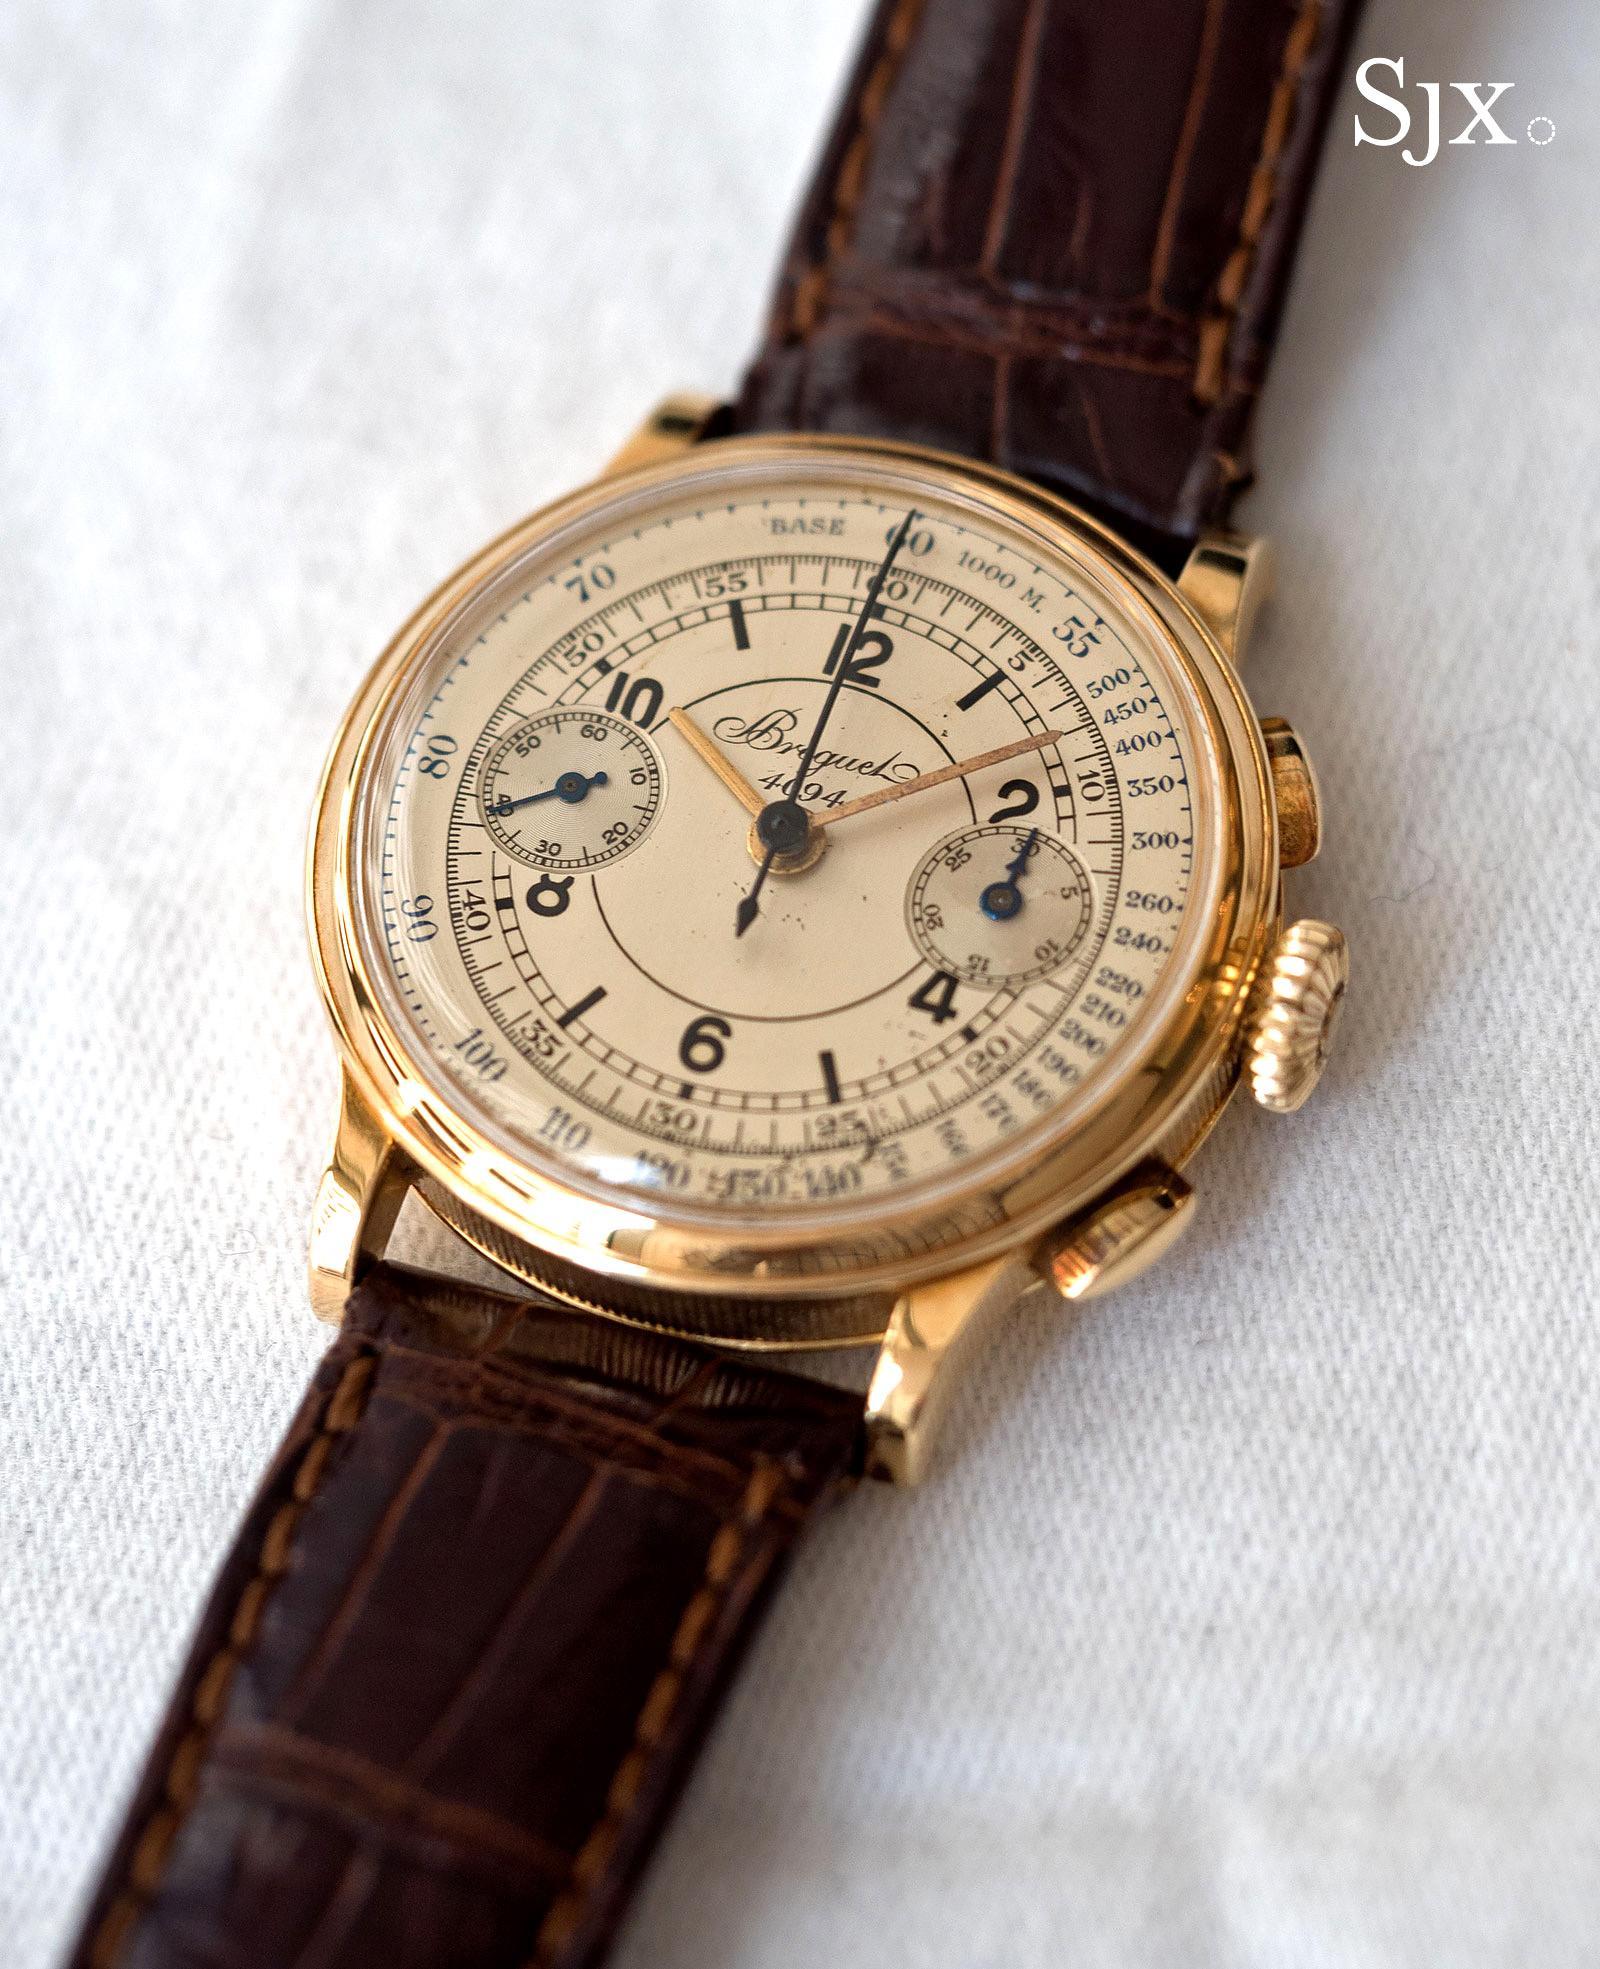 Breguet chronograph sector dial 1